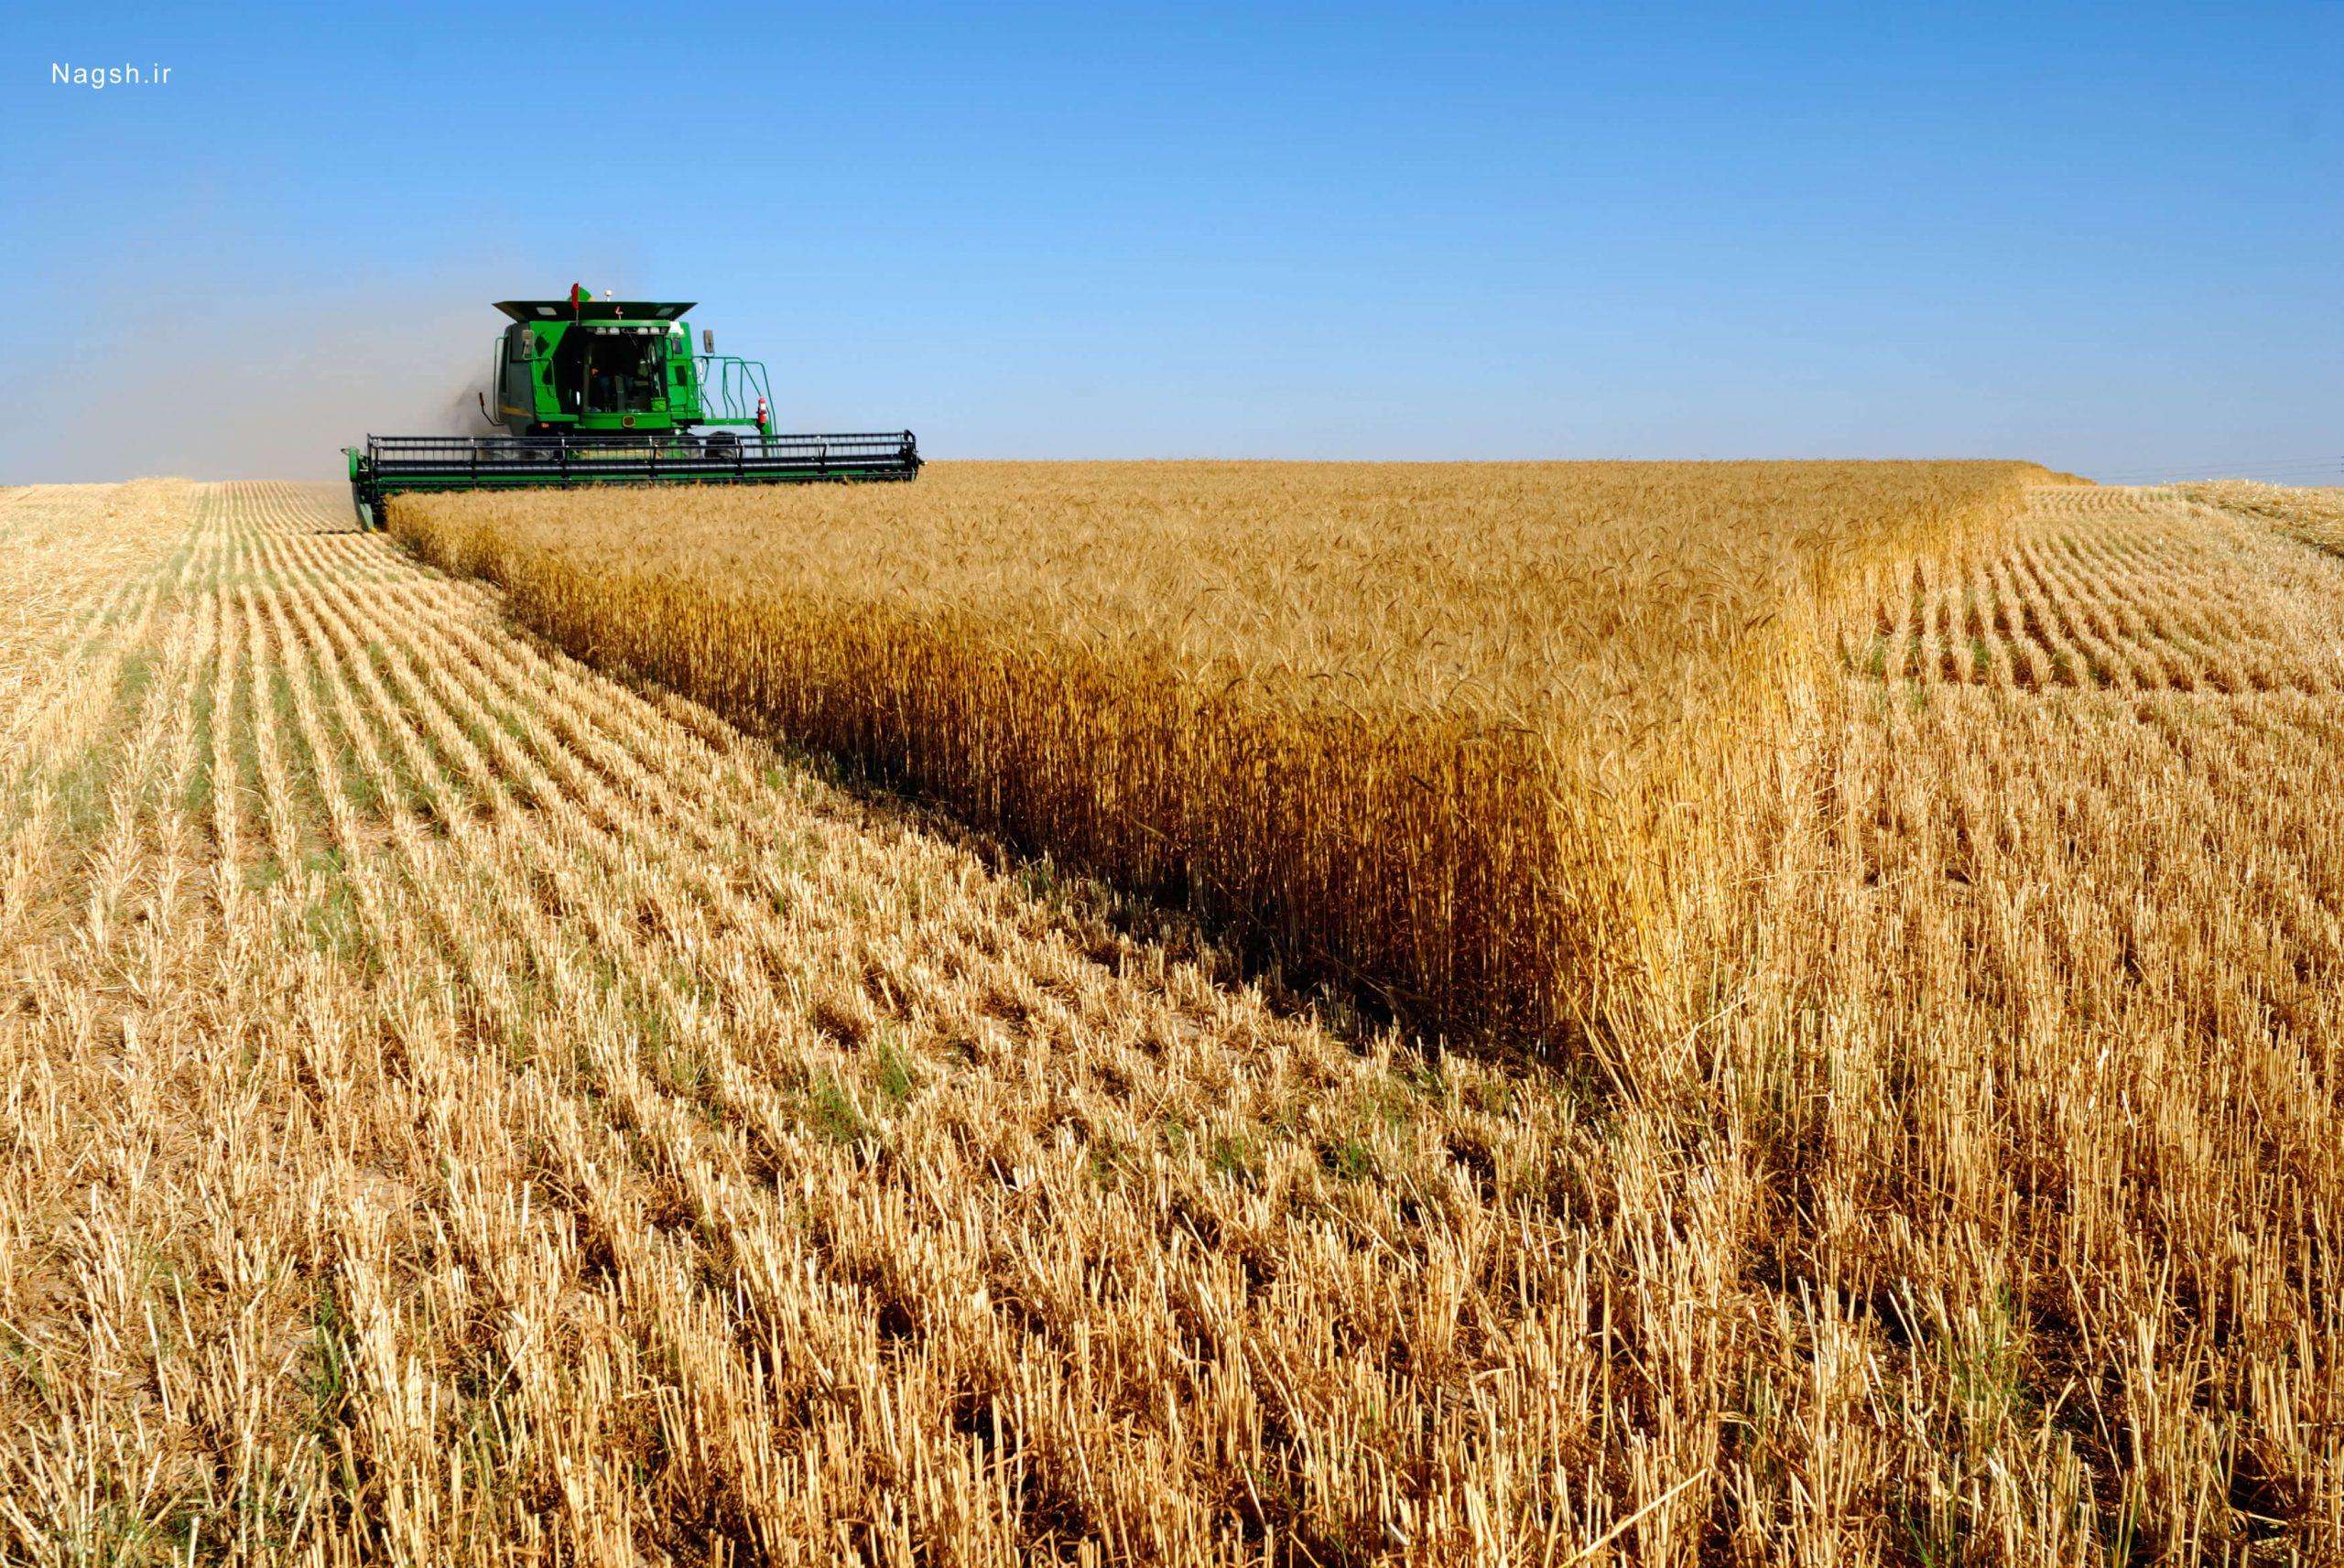 همکاری جهاد کشاورزی و حفظ نباتات برای مقابله با آفات و بیماری های گندم